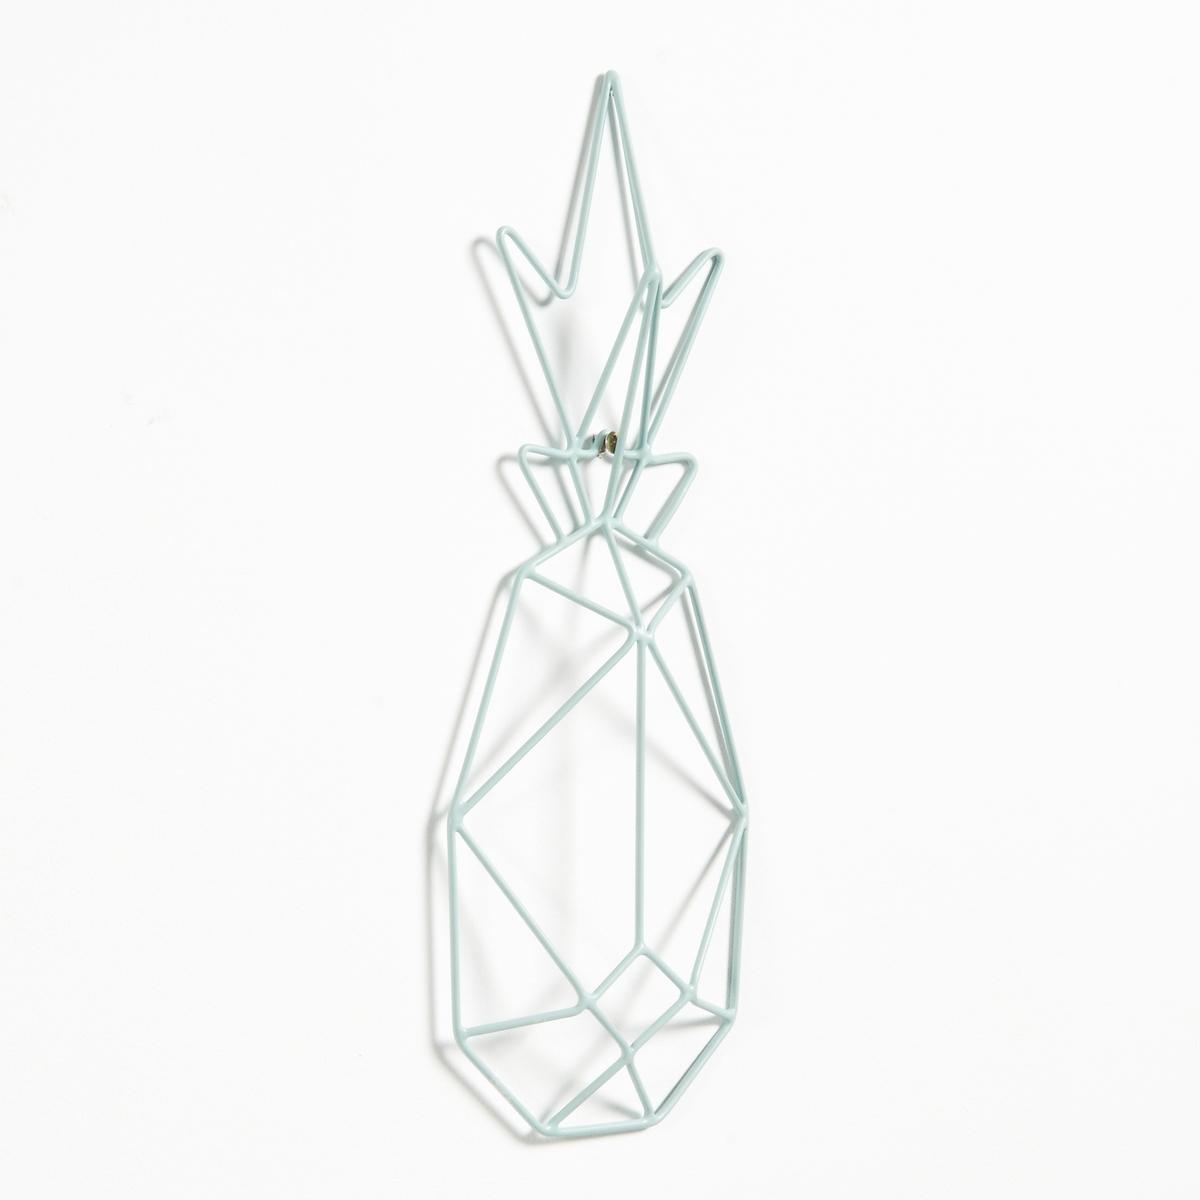 Декоративная фигура на стену ананас из металлической проволоки цены онлайн